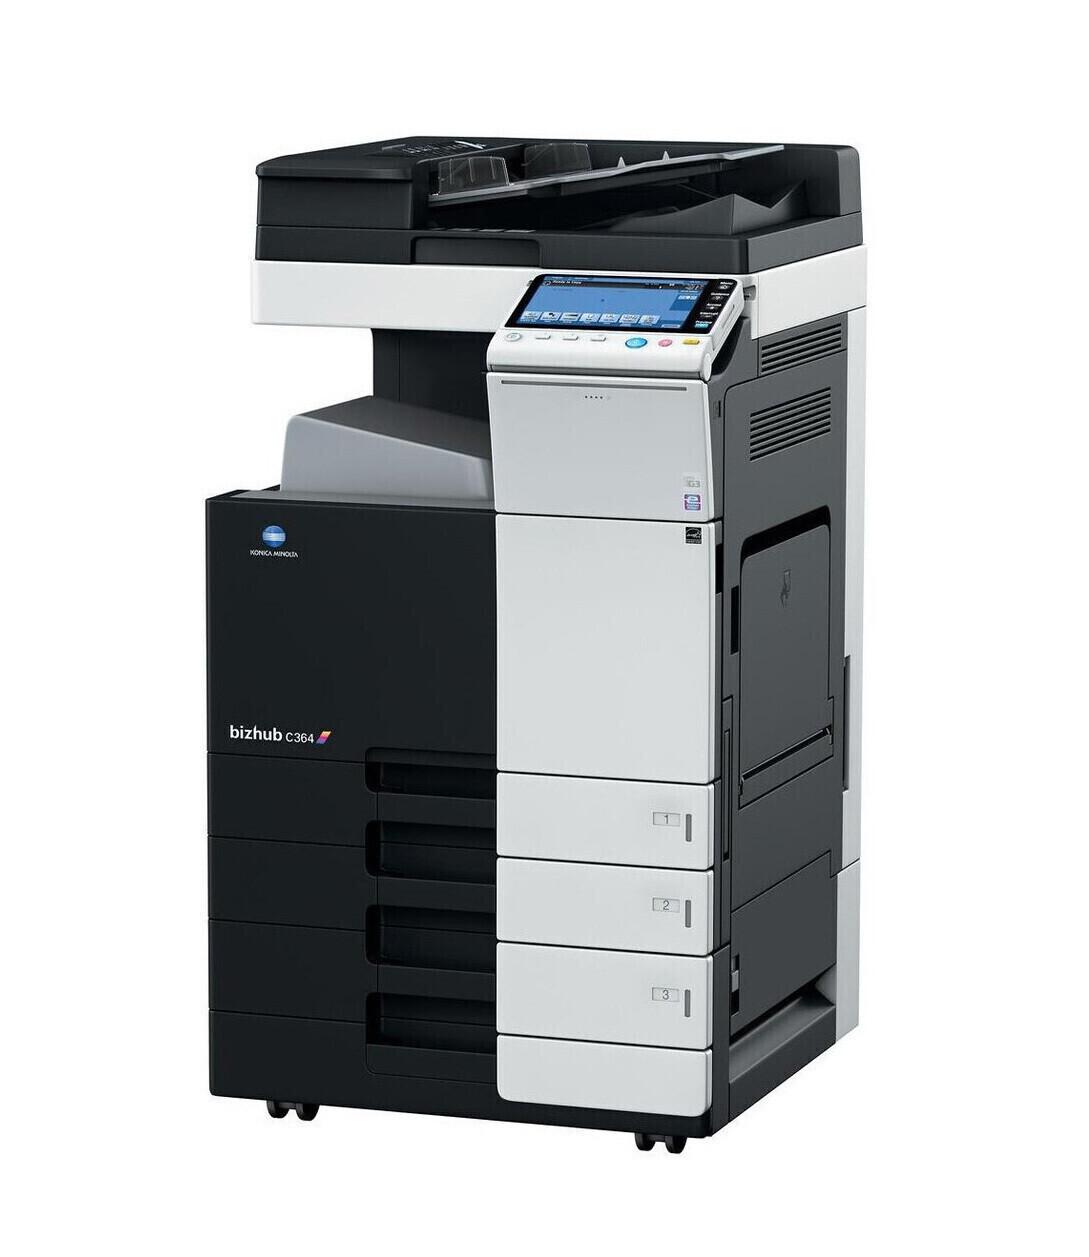 Alquiler fotocopiadora multifunción Konica Minolta Bizhub C364e A3 COLOR